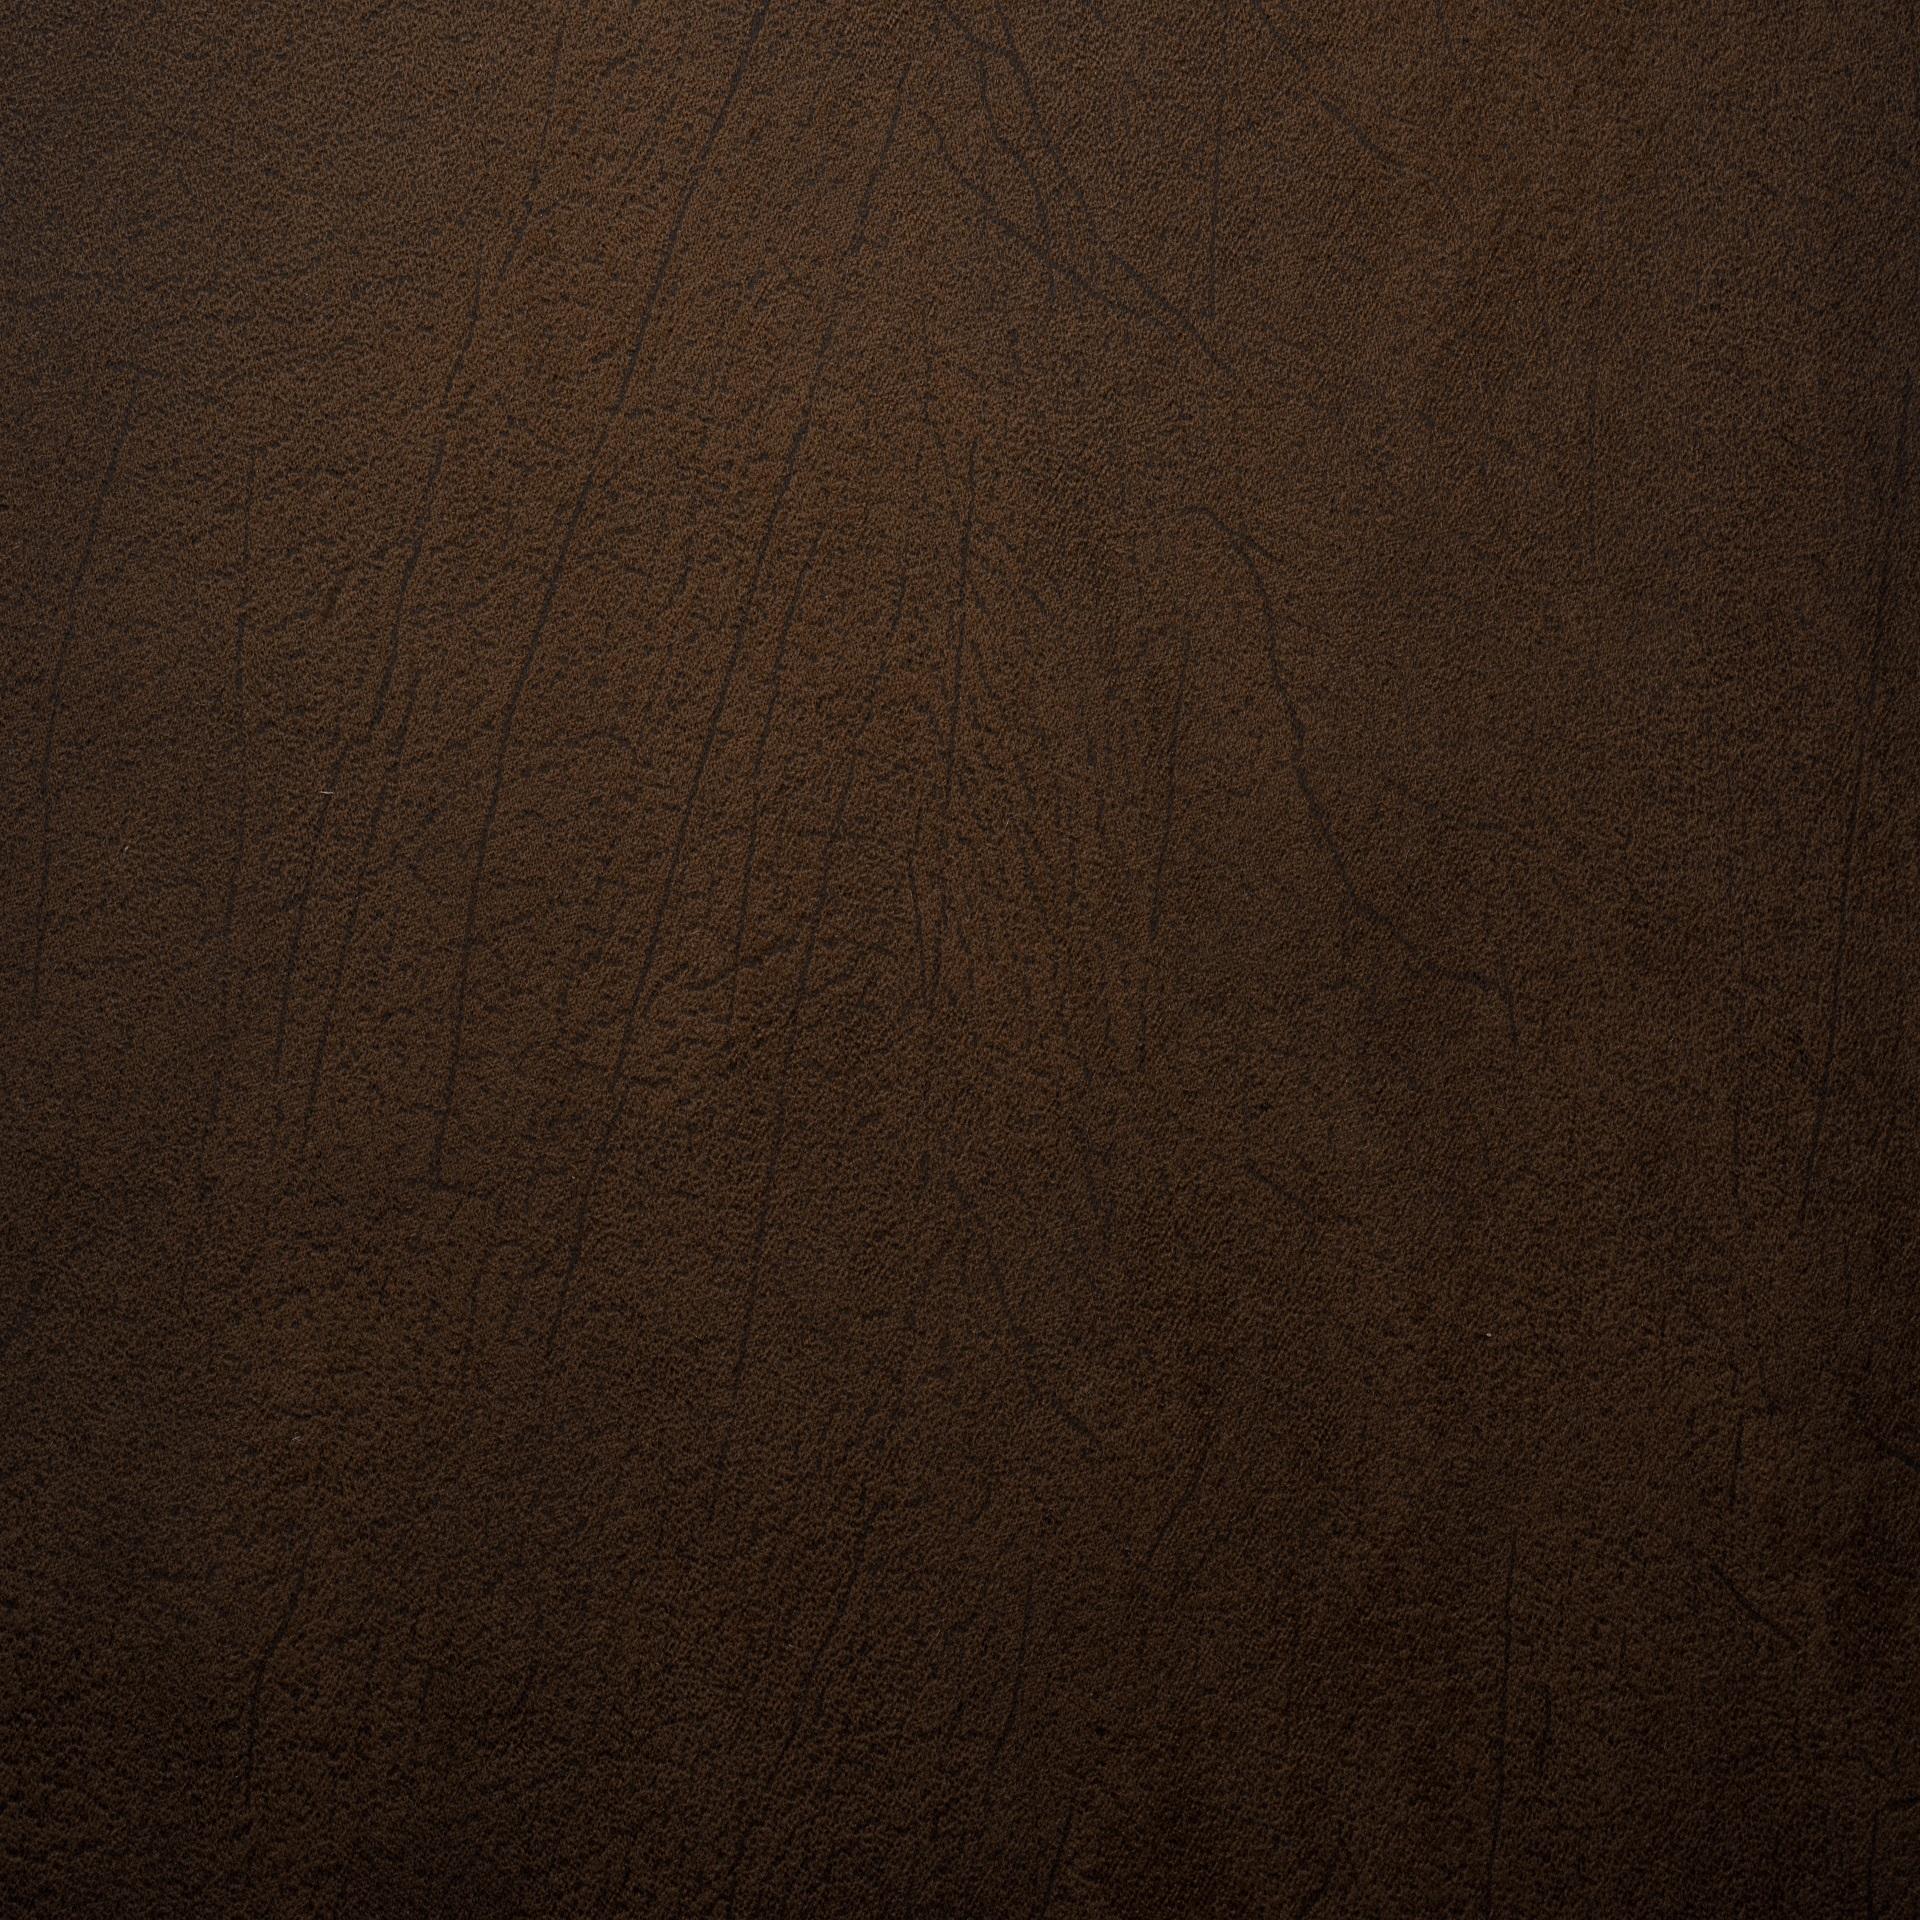 Коллекция ткани Джерри 13,  купить ткань Велюр для мебели Украина